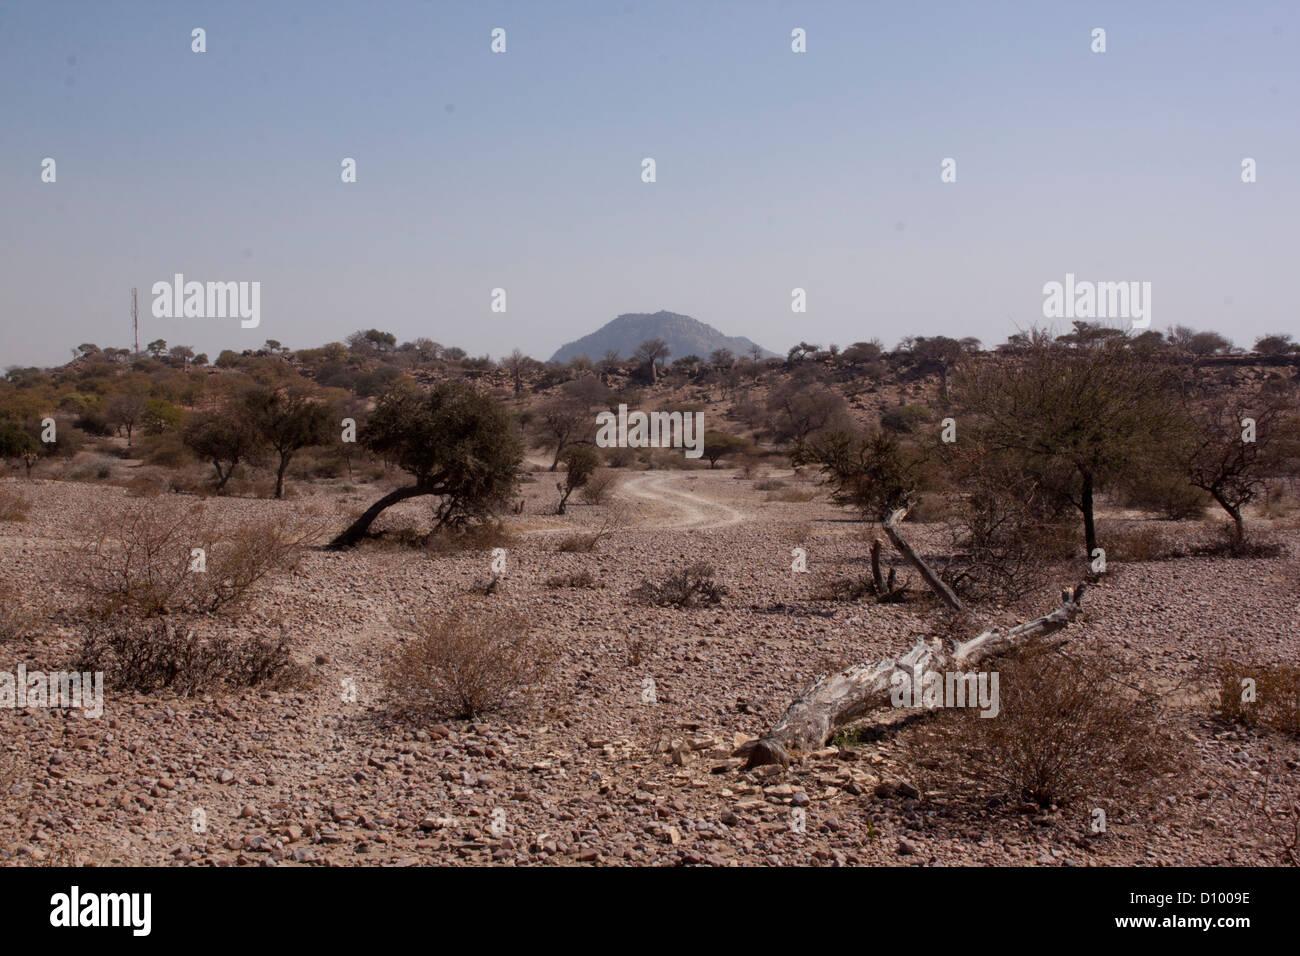 Route de terre menant à la mine de charbon Fripp par Mudimeli ville Limpopo, Afrique du Sud Photo Stock